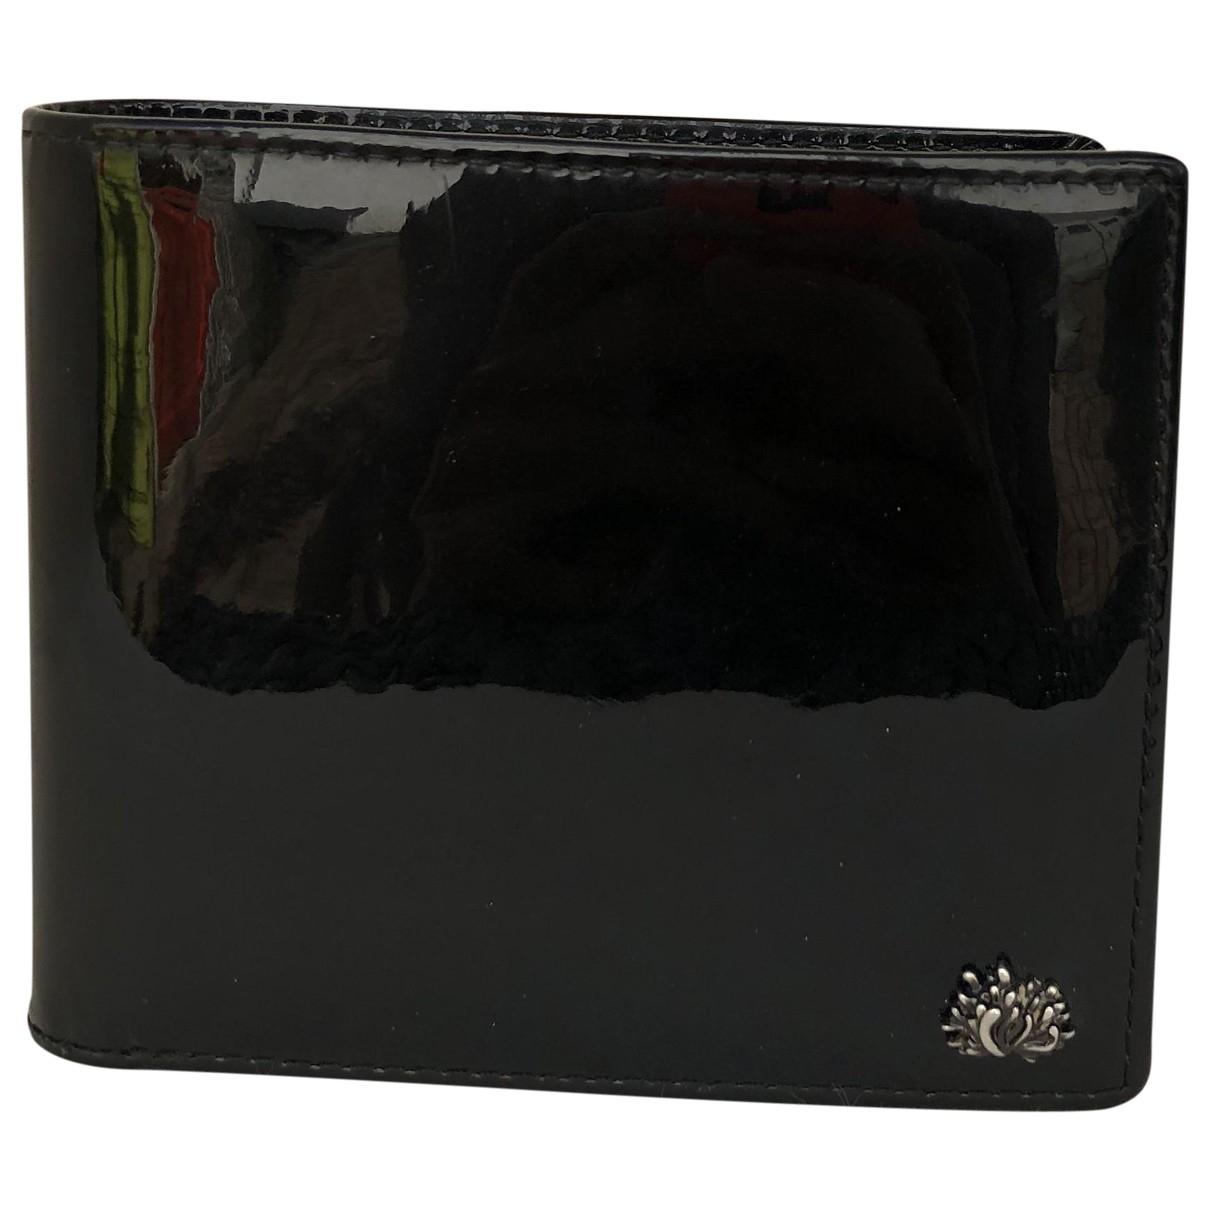 Kenzo - Petite maroquinerie   pour homme en cuir verni - noir